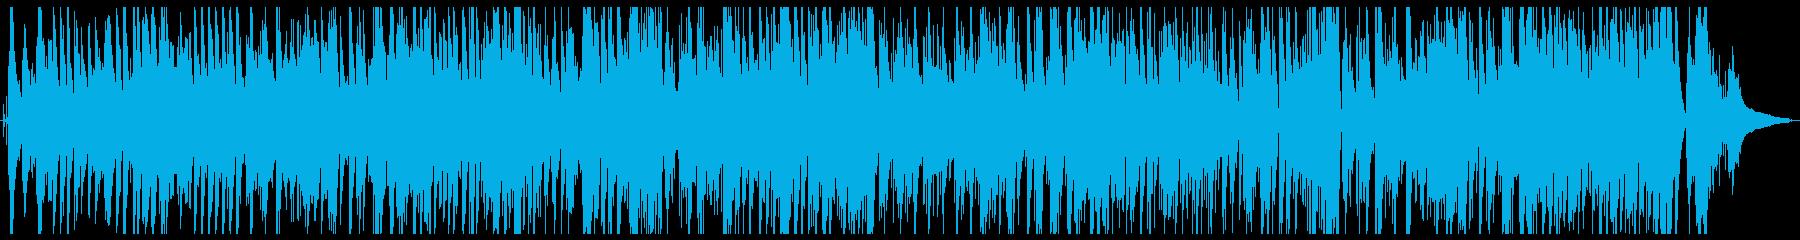 バー、ラウンジ優しくゆったり聴けるジャズの再生済みの波形